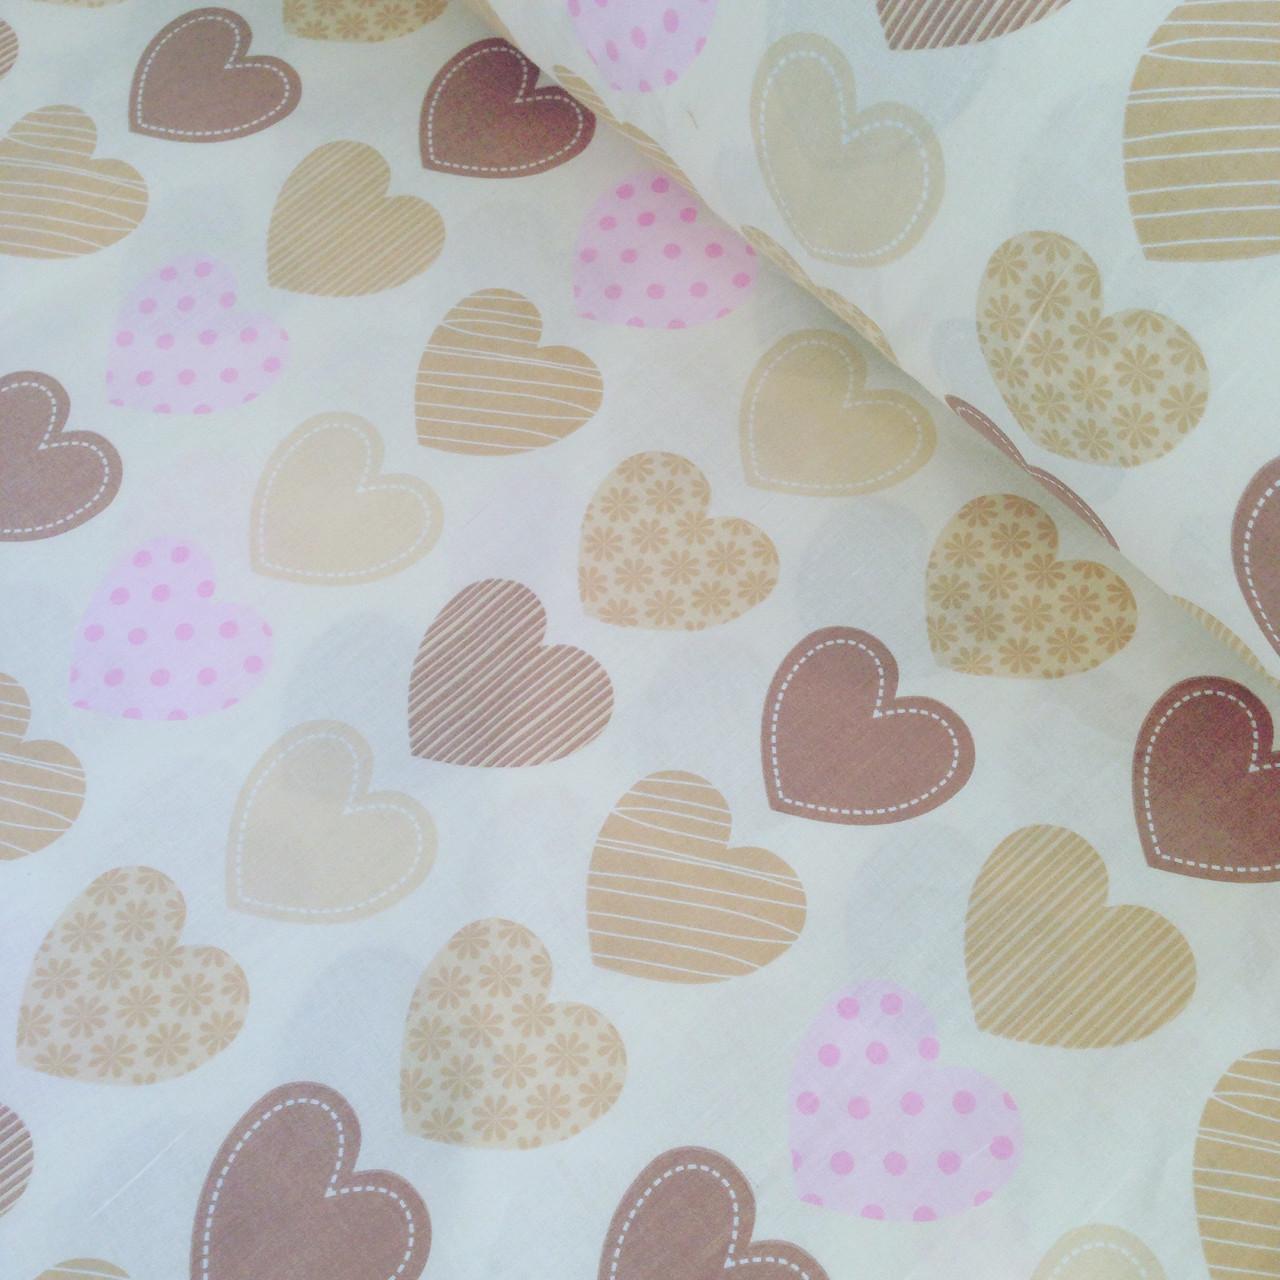 Хлопковая ткань польская сердца кофейно-розовые на бежевом